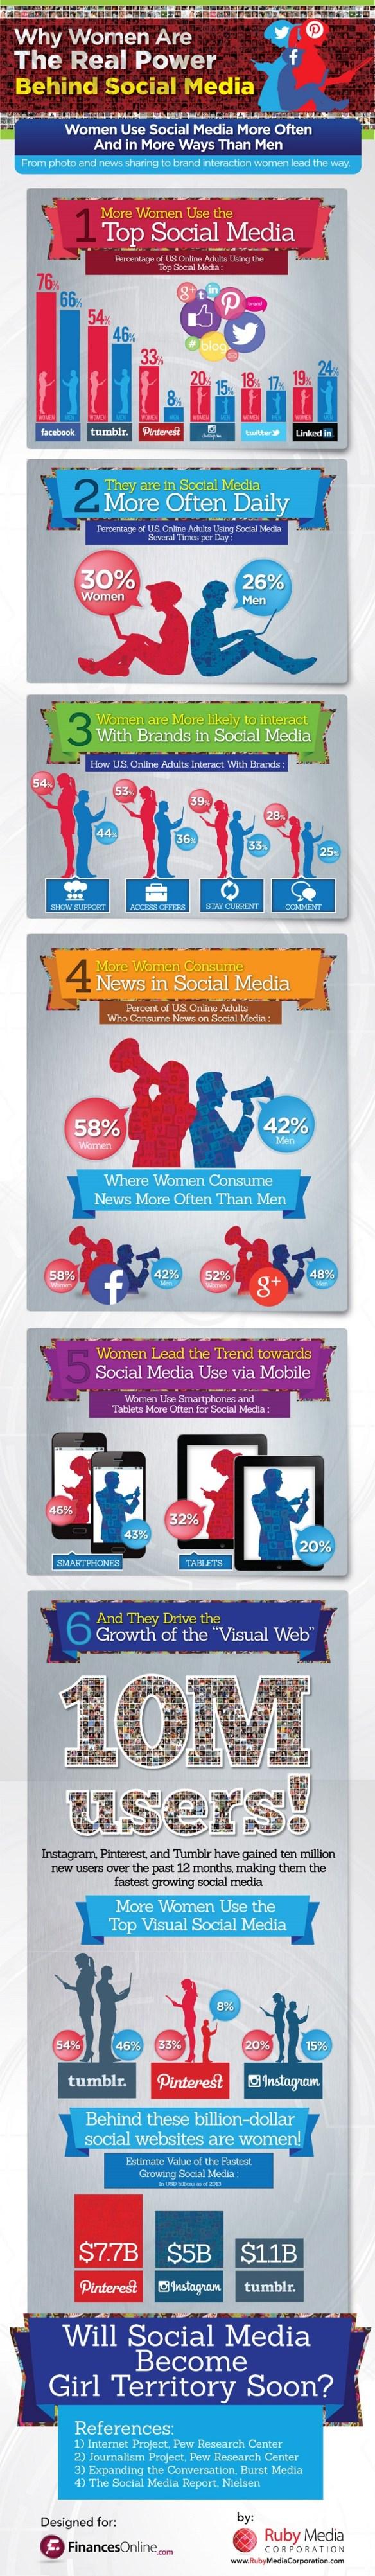 Women On Social Media